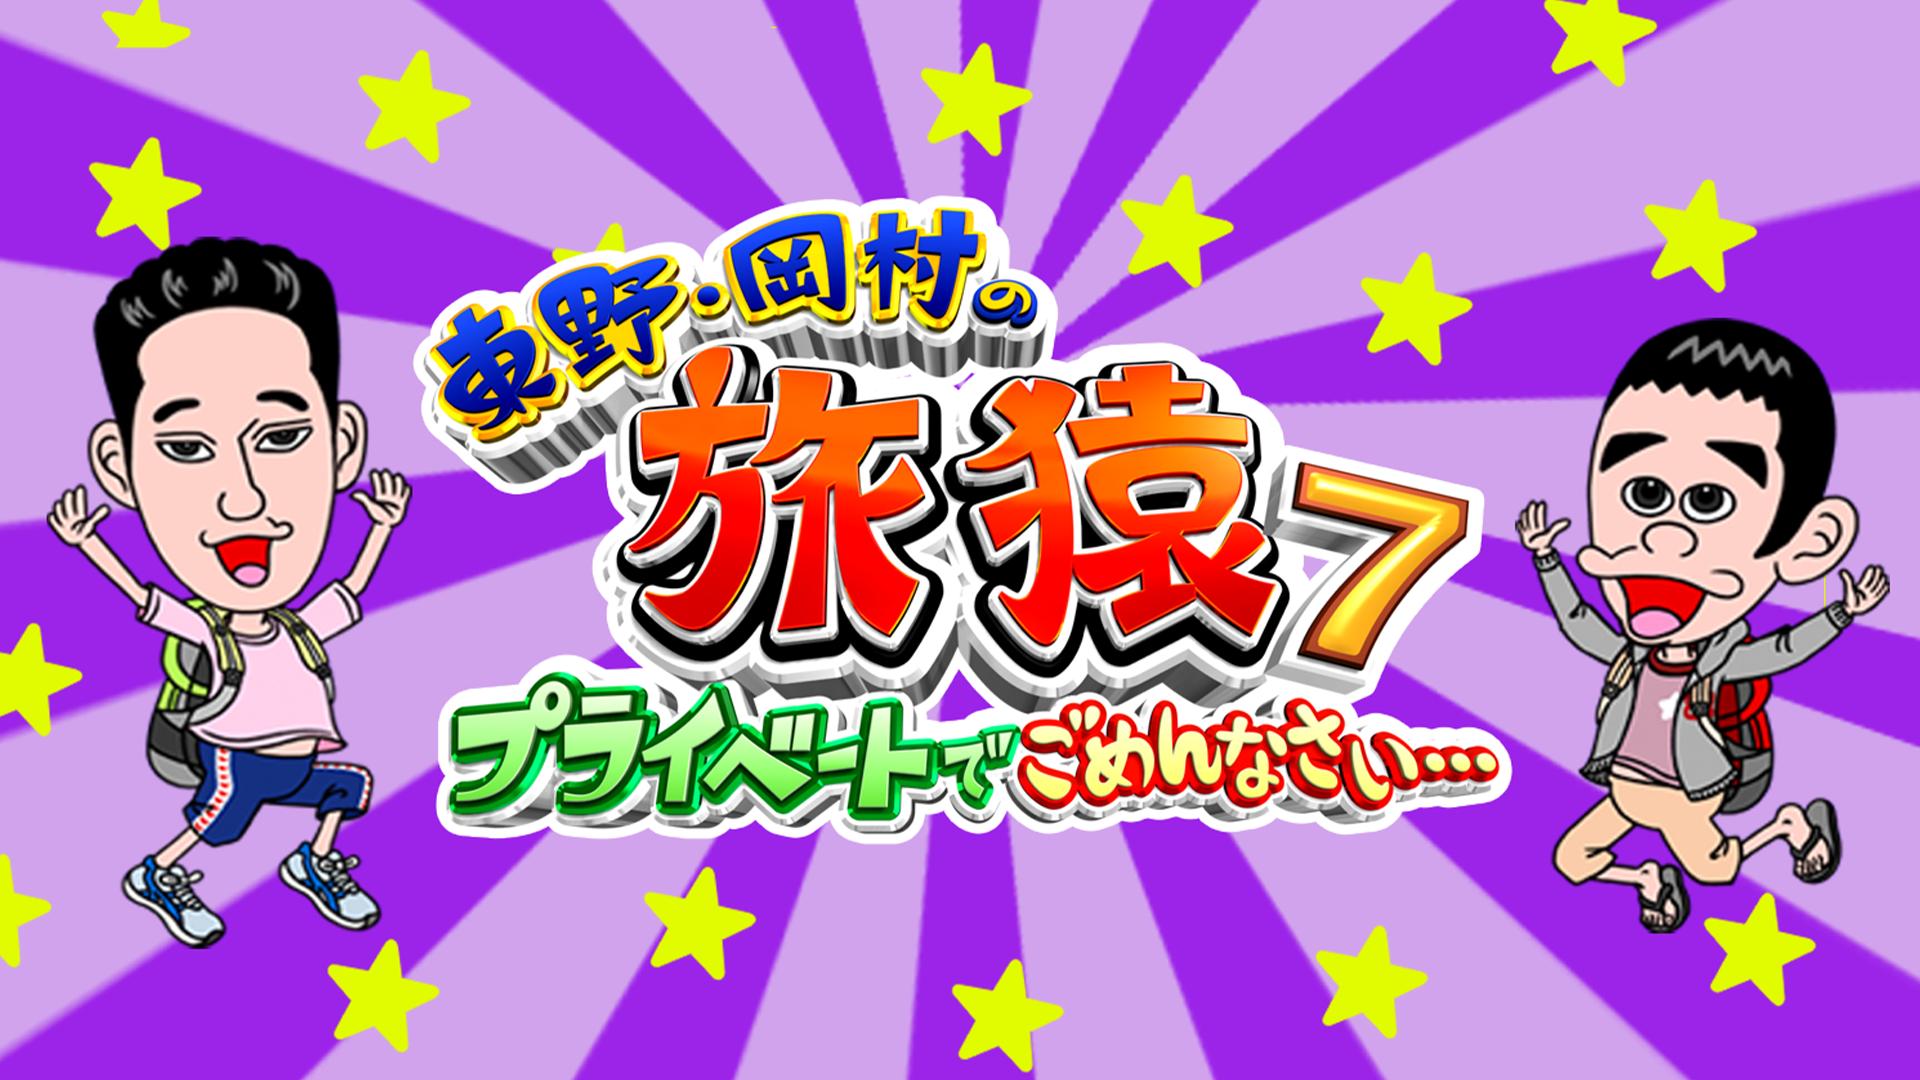 東野・岡村の旅猿7~プライベートでごめんなさい~の動画 - 東野・岡村の旅猿13~プライベートでごめんなさい~